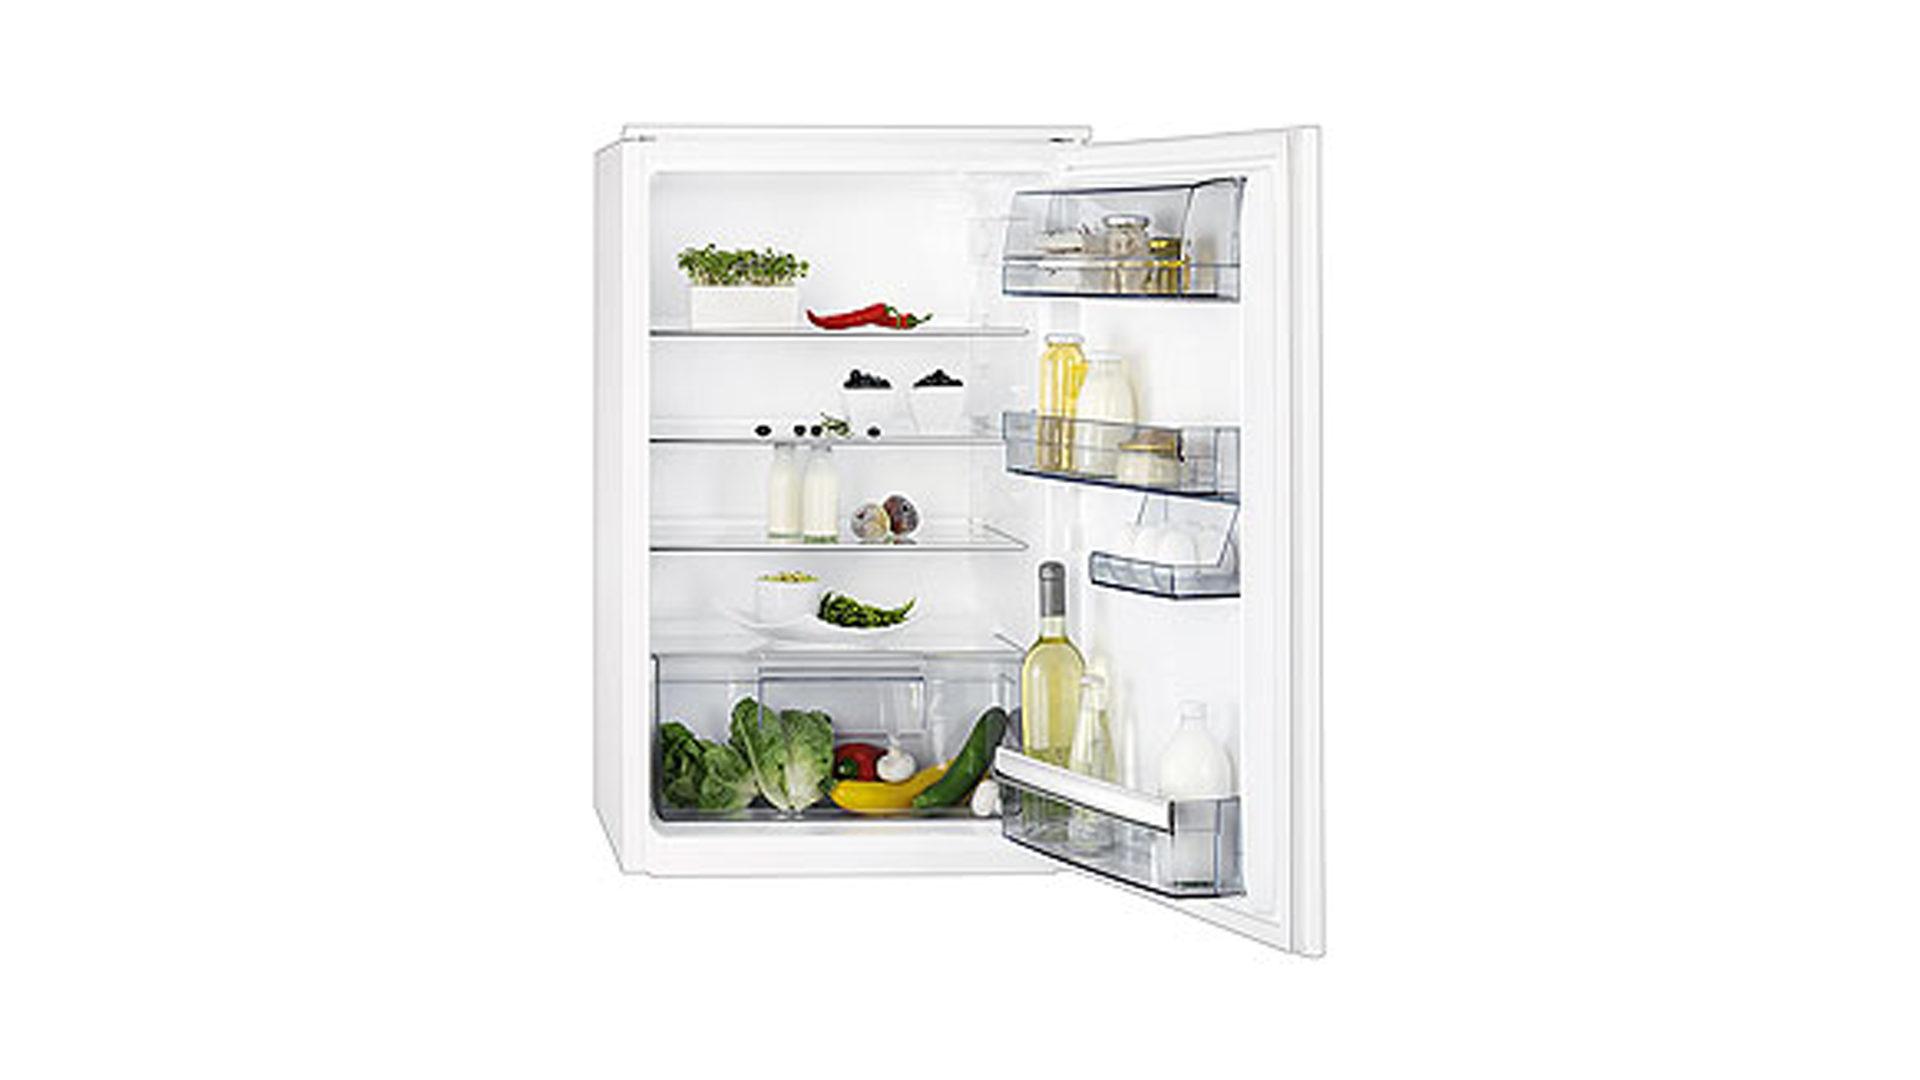 Kühlschrank Elektrolux : Aeg kühlschrank sd124s2 mit gefrierfach nutzinhalt ca. 187 liter